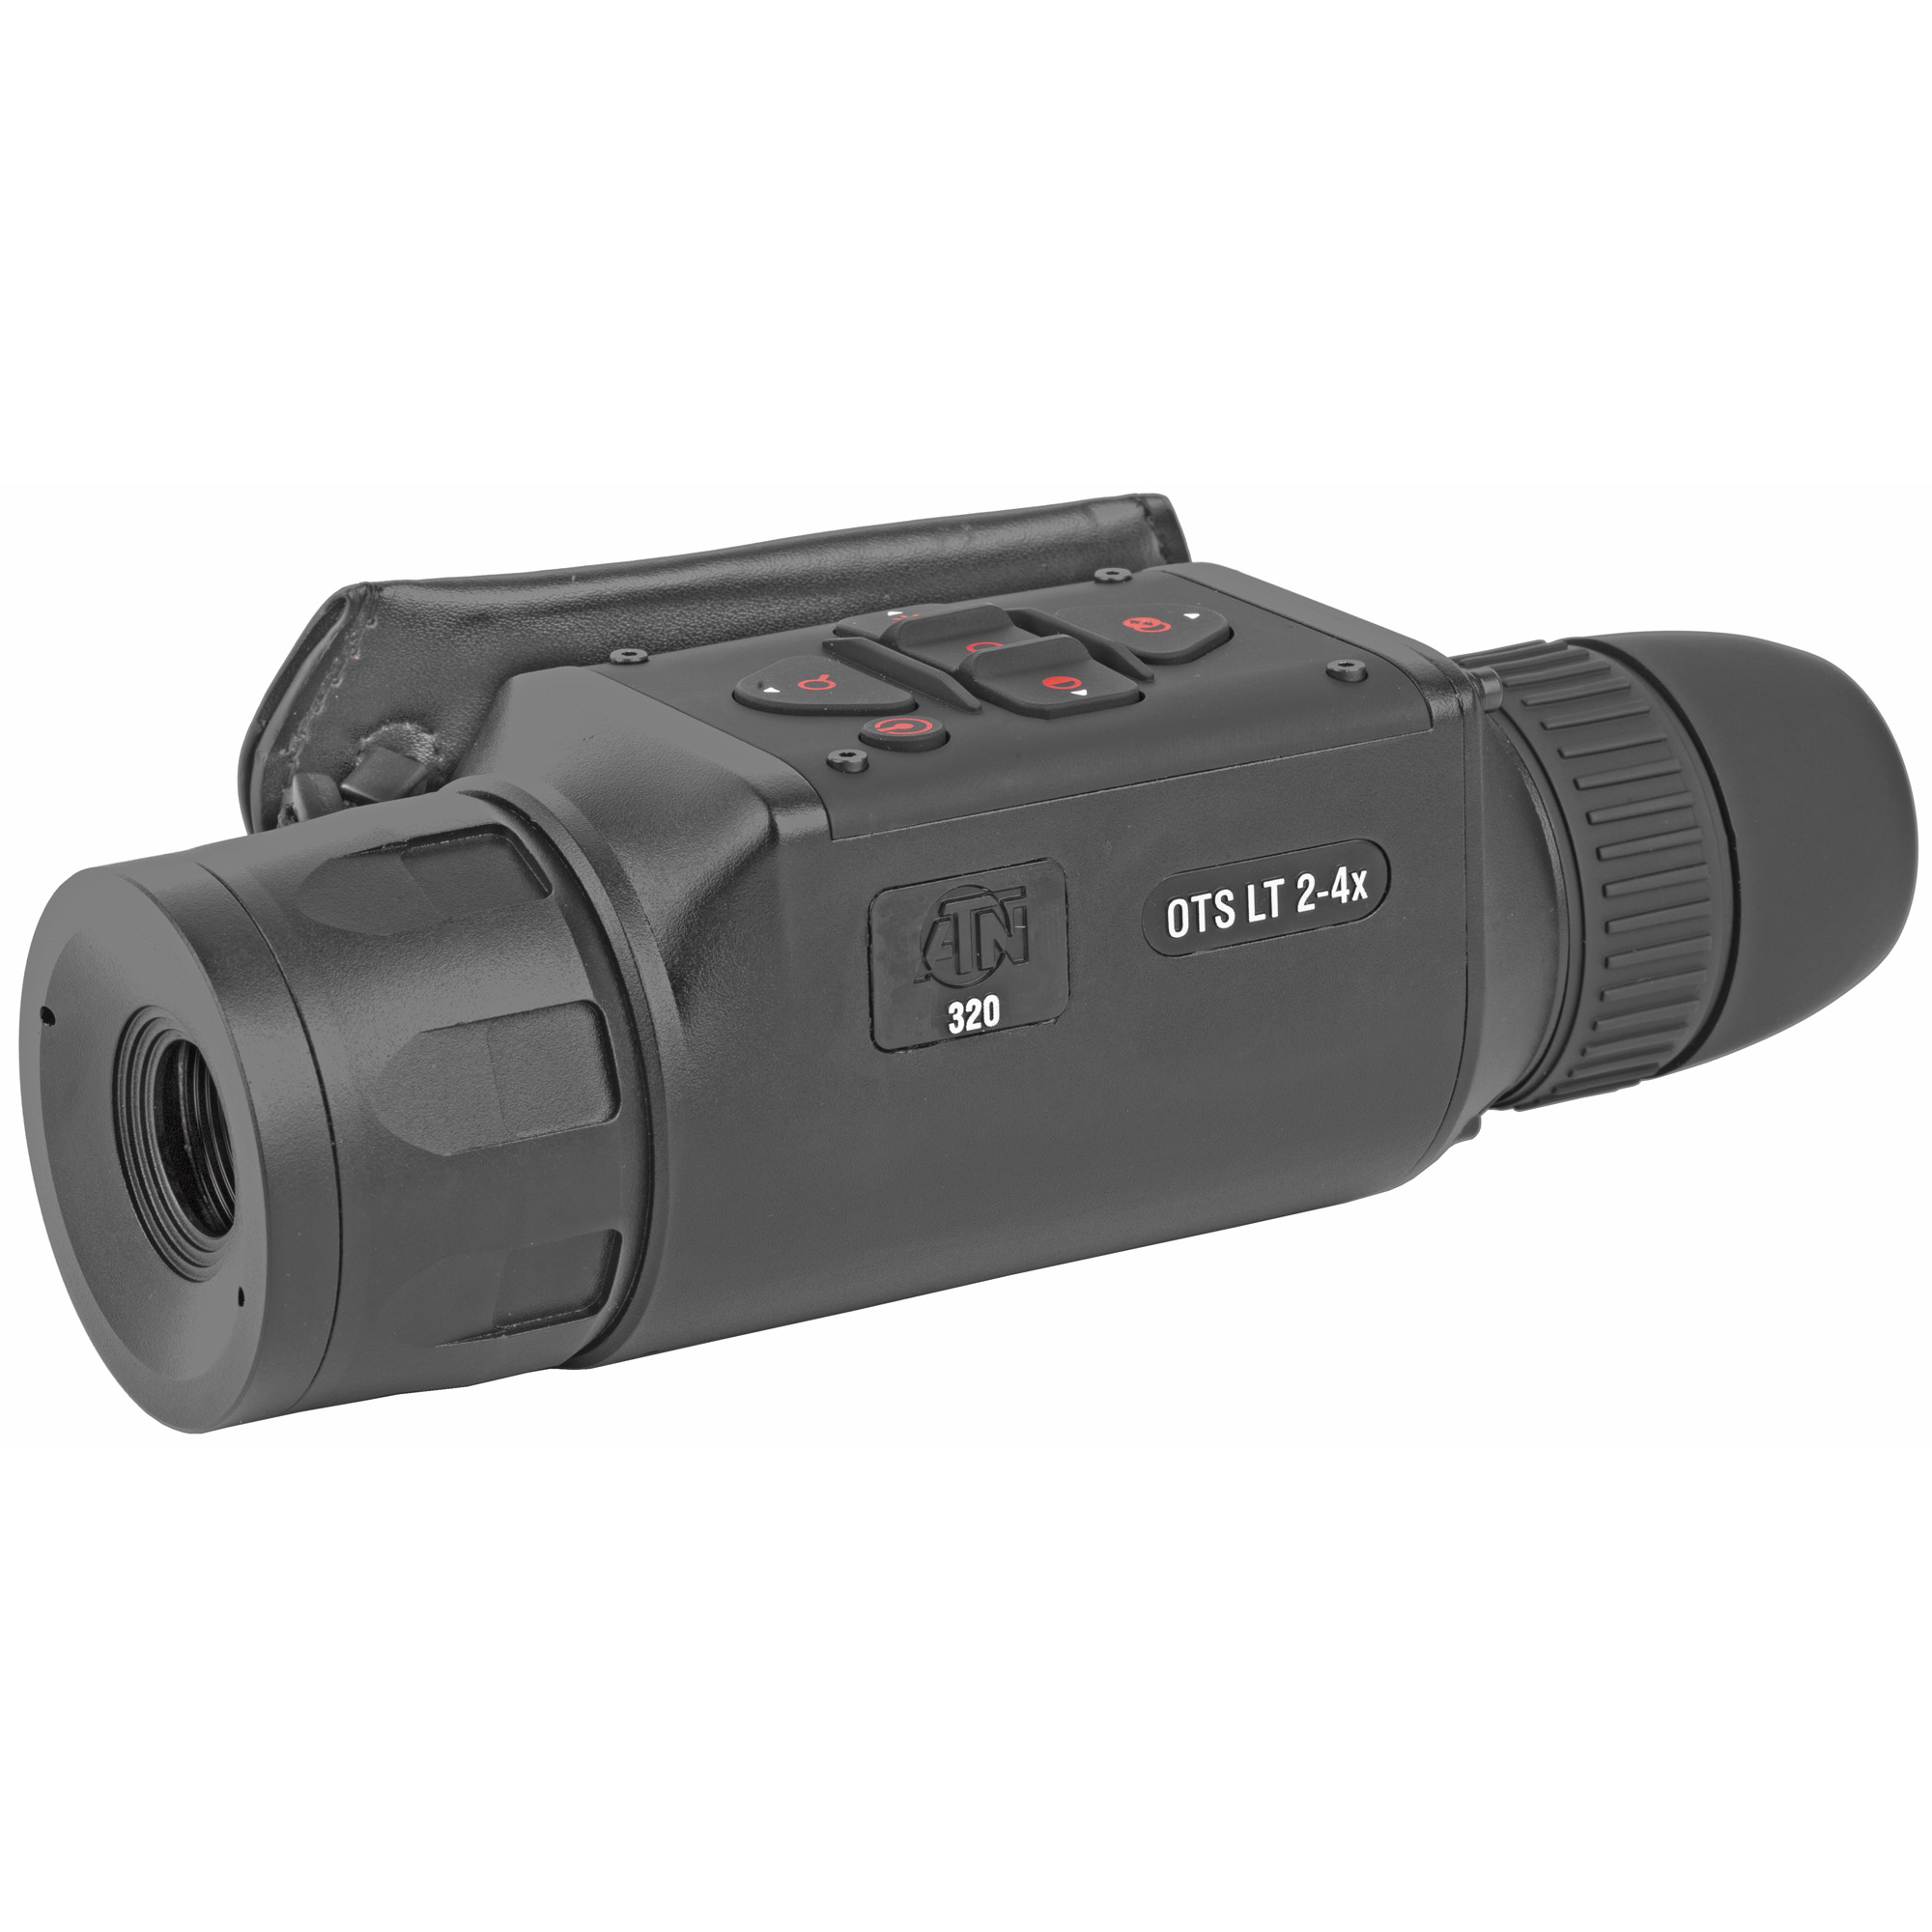 Atn Ots Lt 320 2-4x Thermal Viewer